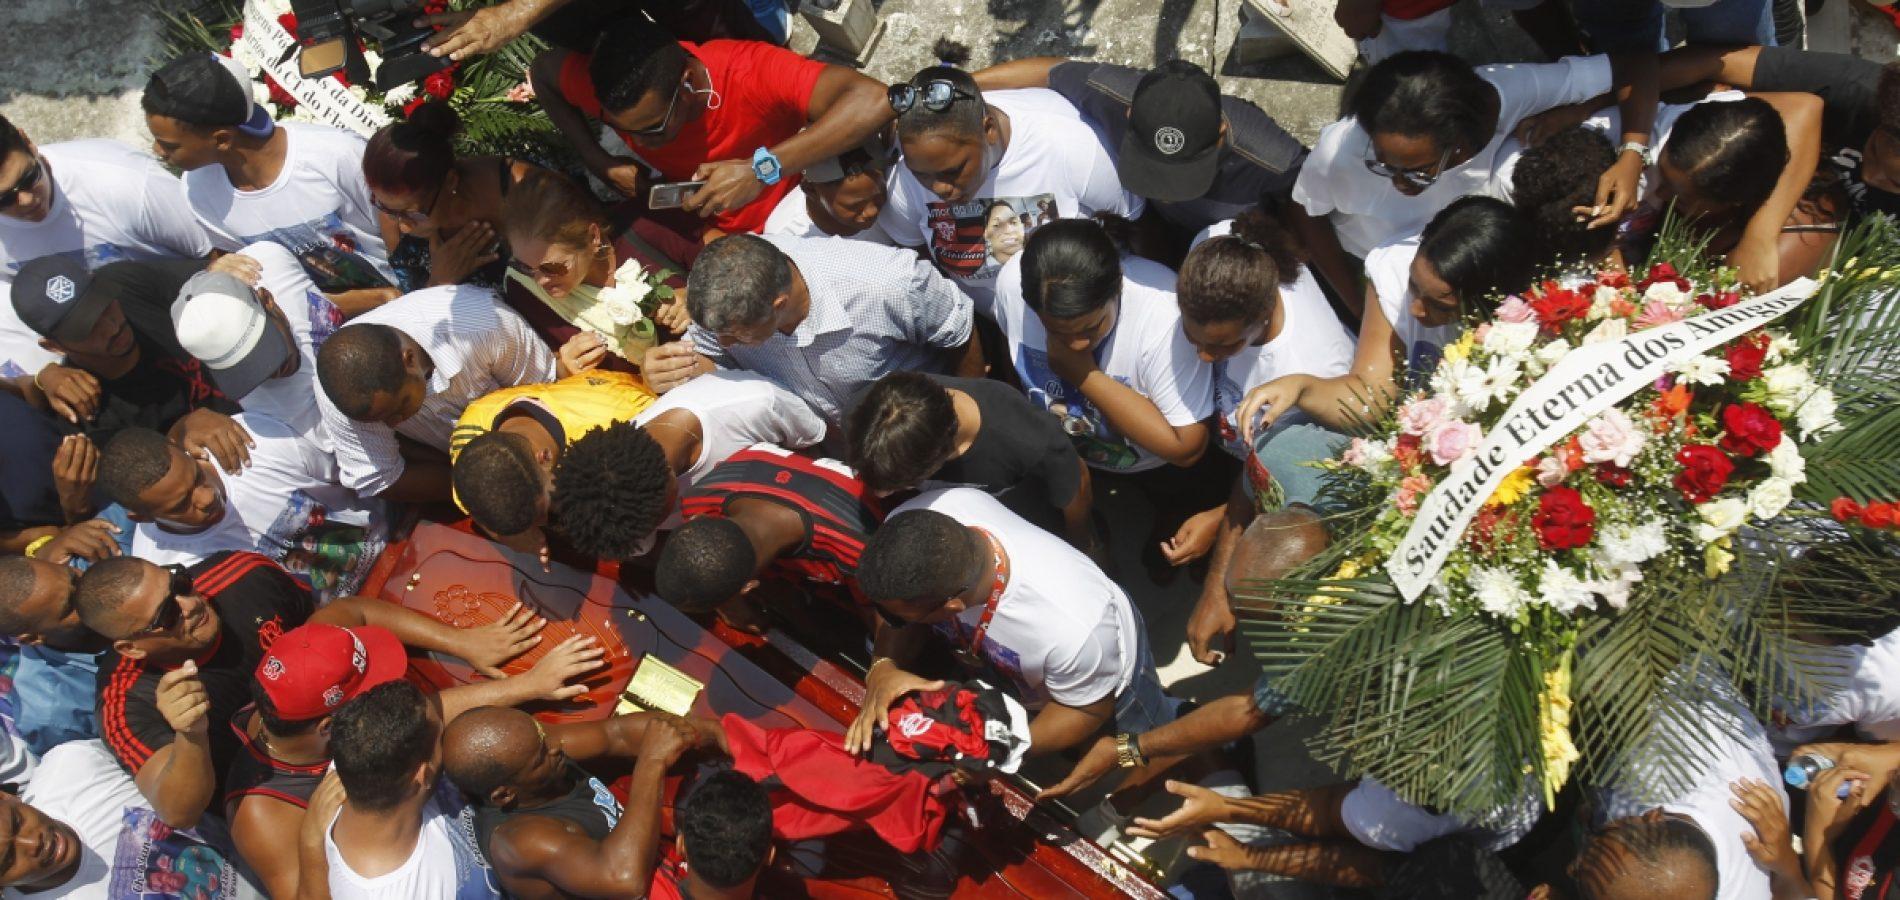 Familiares se despedem de jovem goleiro morto no Ninho do Urubu